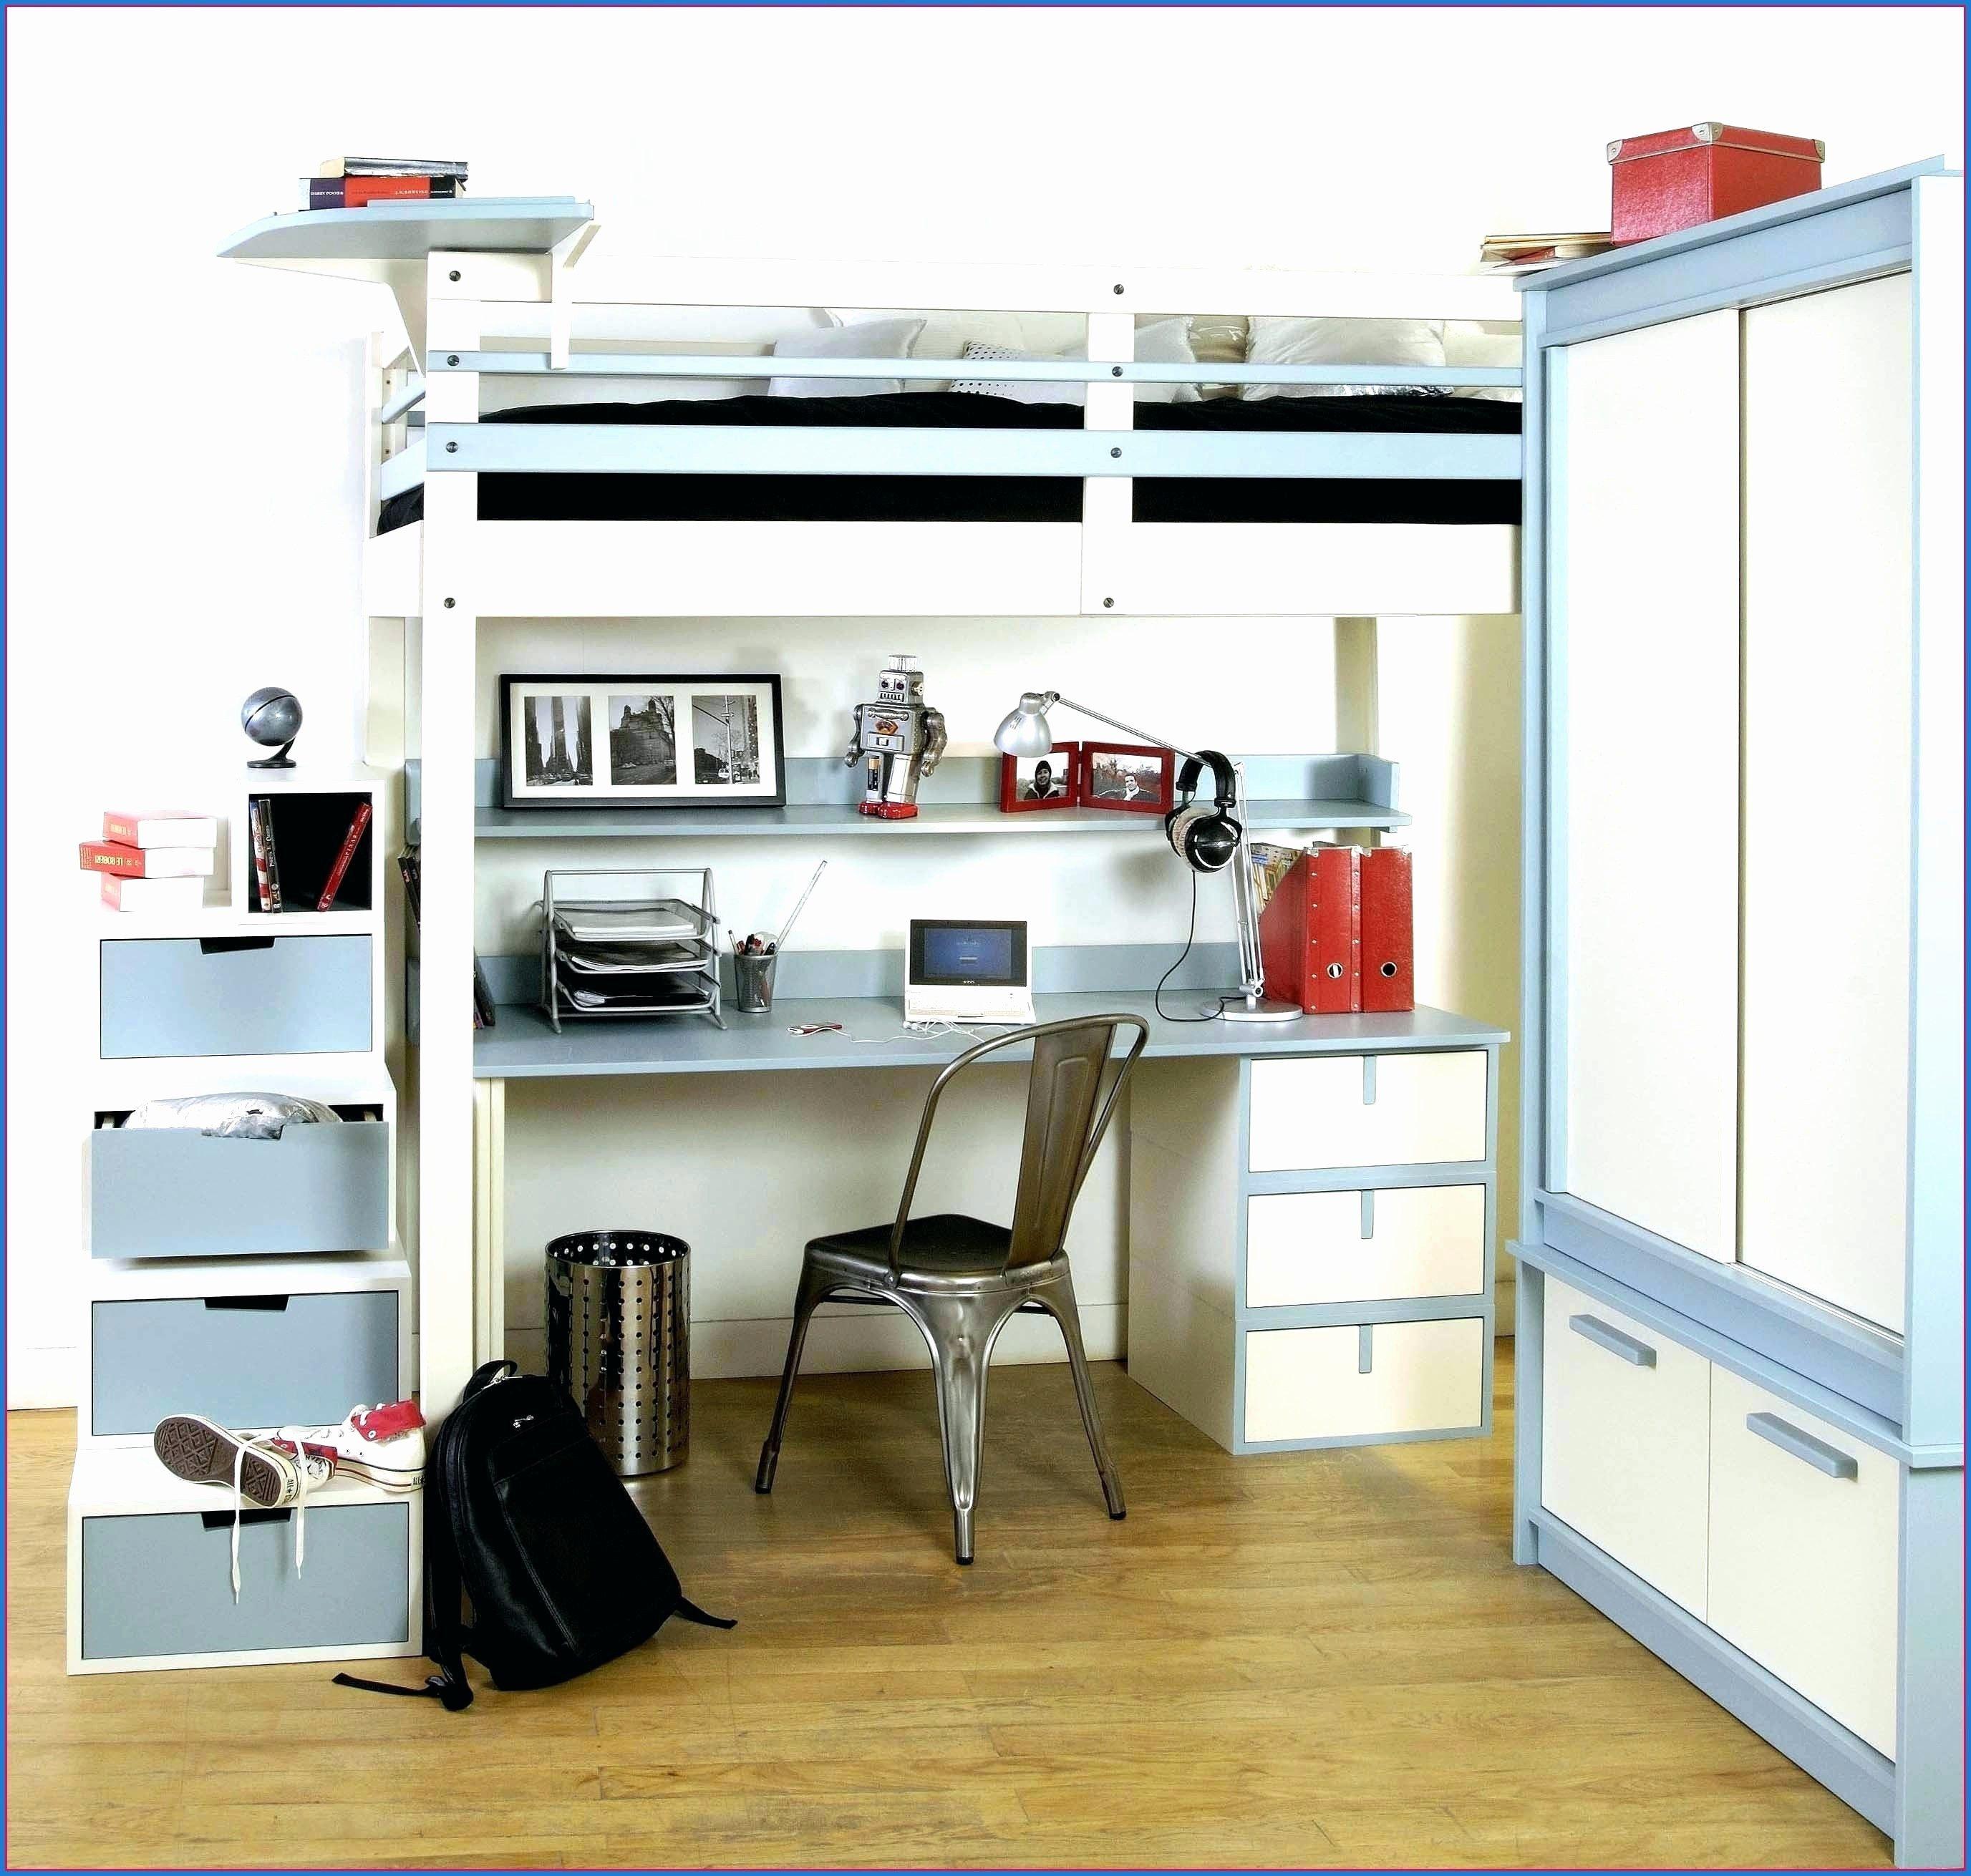 Lit Superposé En Fer Bel Lit Biné Mezzanine Bureau Armoire élégant Bureau Fer forgé Ikea